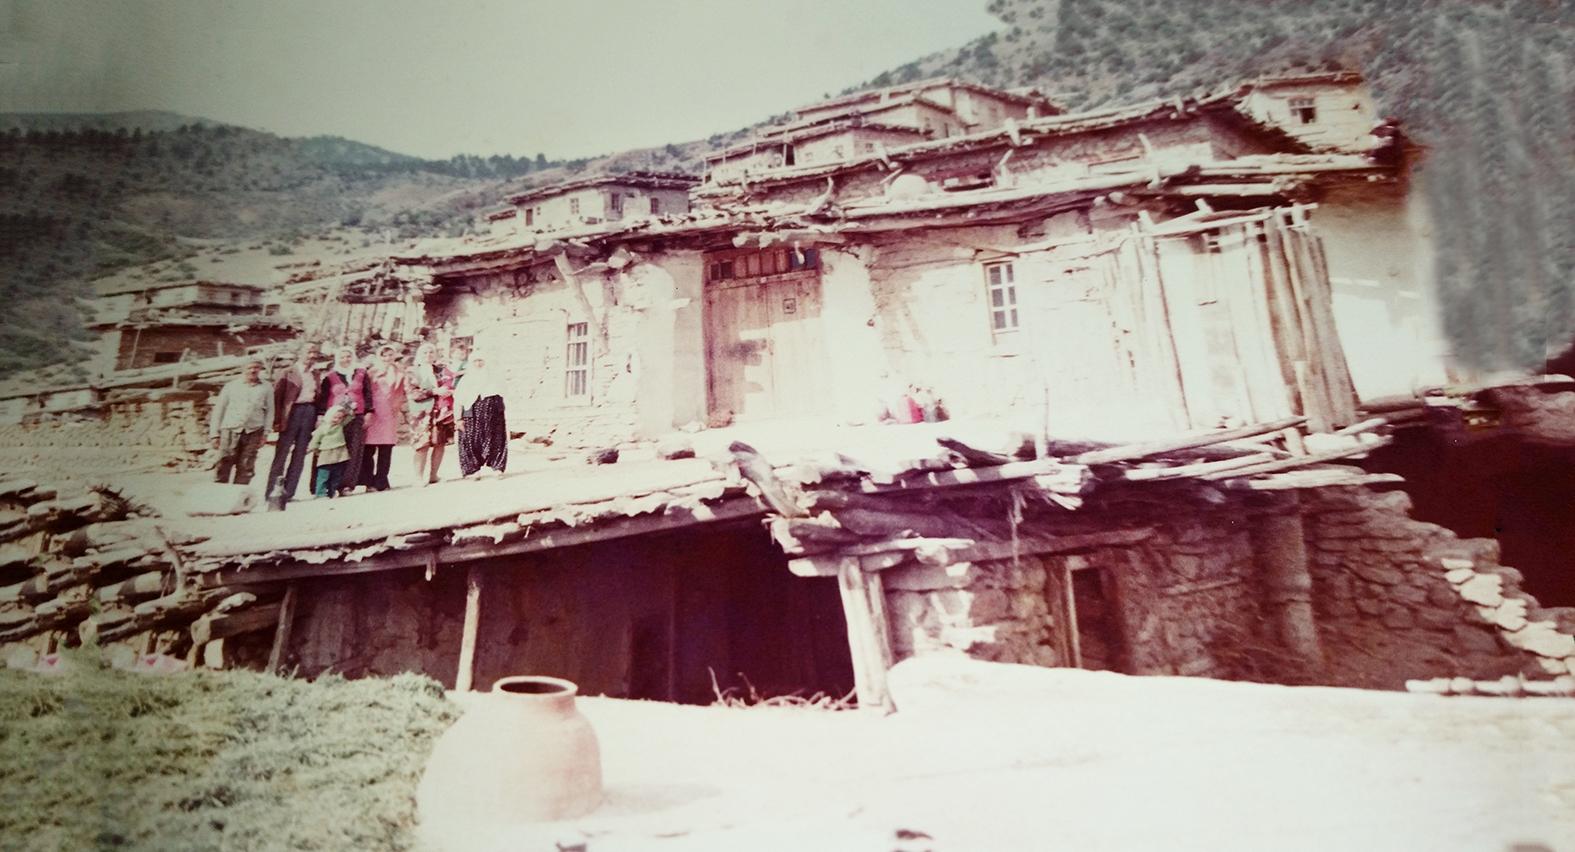 yeni-ev--çatisiz-birbirinin-üstünde-taş-yapili-evler-ve-tuvalet.jpg